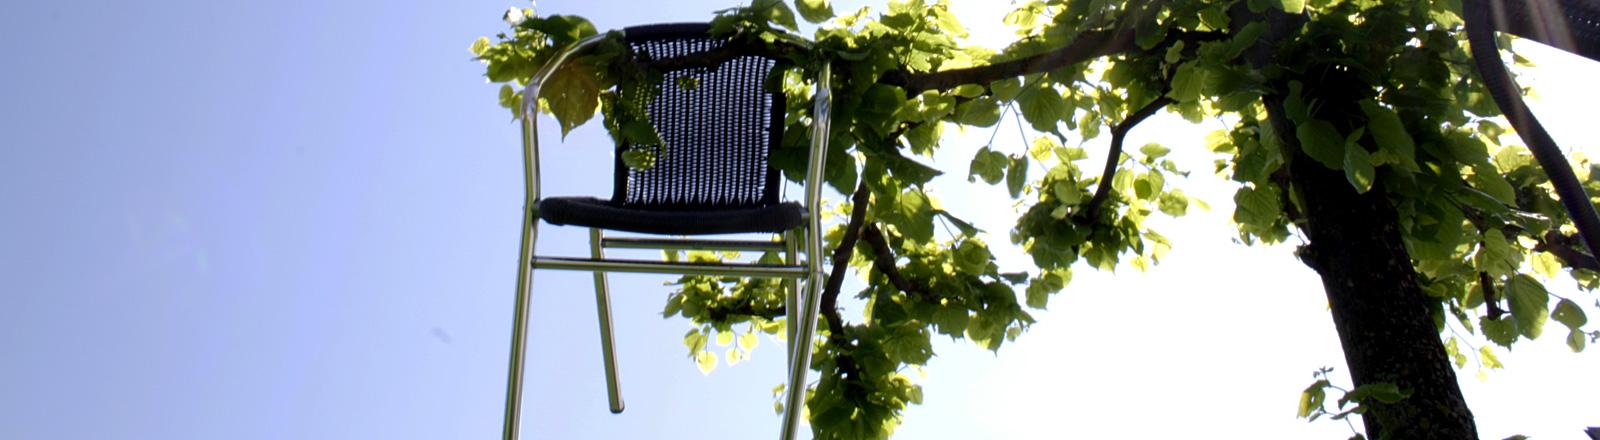 Gartenstuhl in einem Baum.